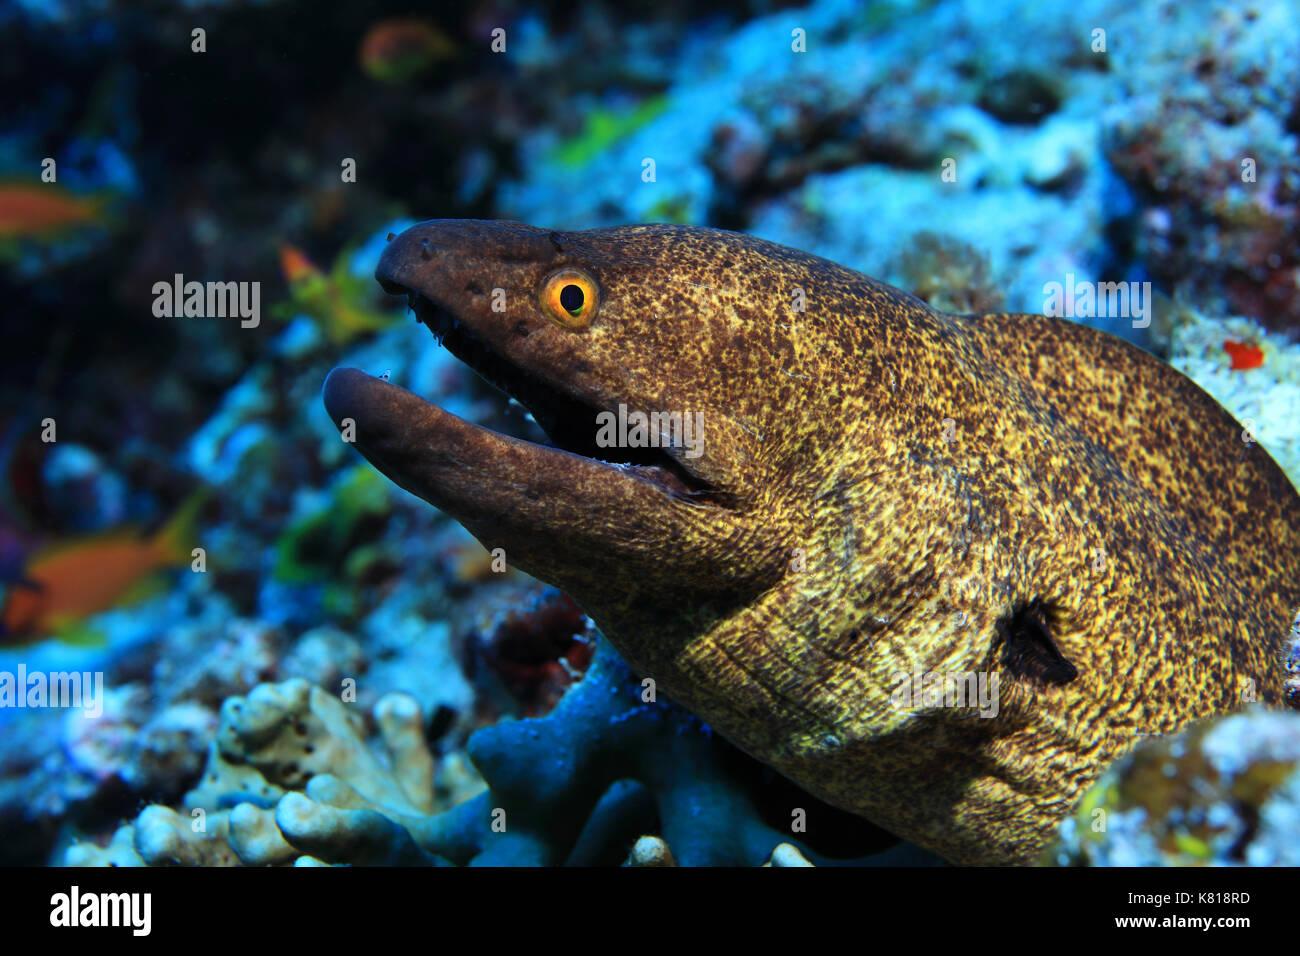 Filo-amarillo morena (gymnothorax flavimarginatus) bajo el agua, en el arrecife de coral tropical Foto de stock